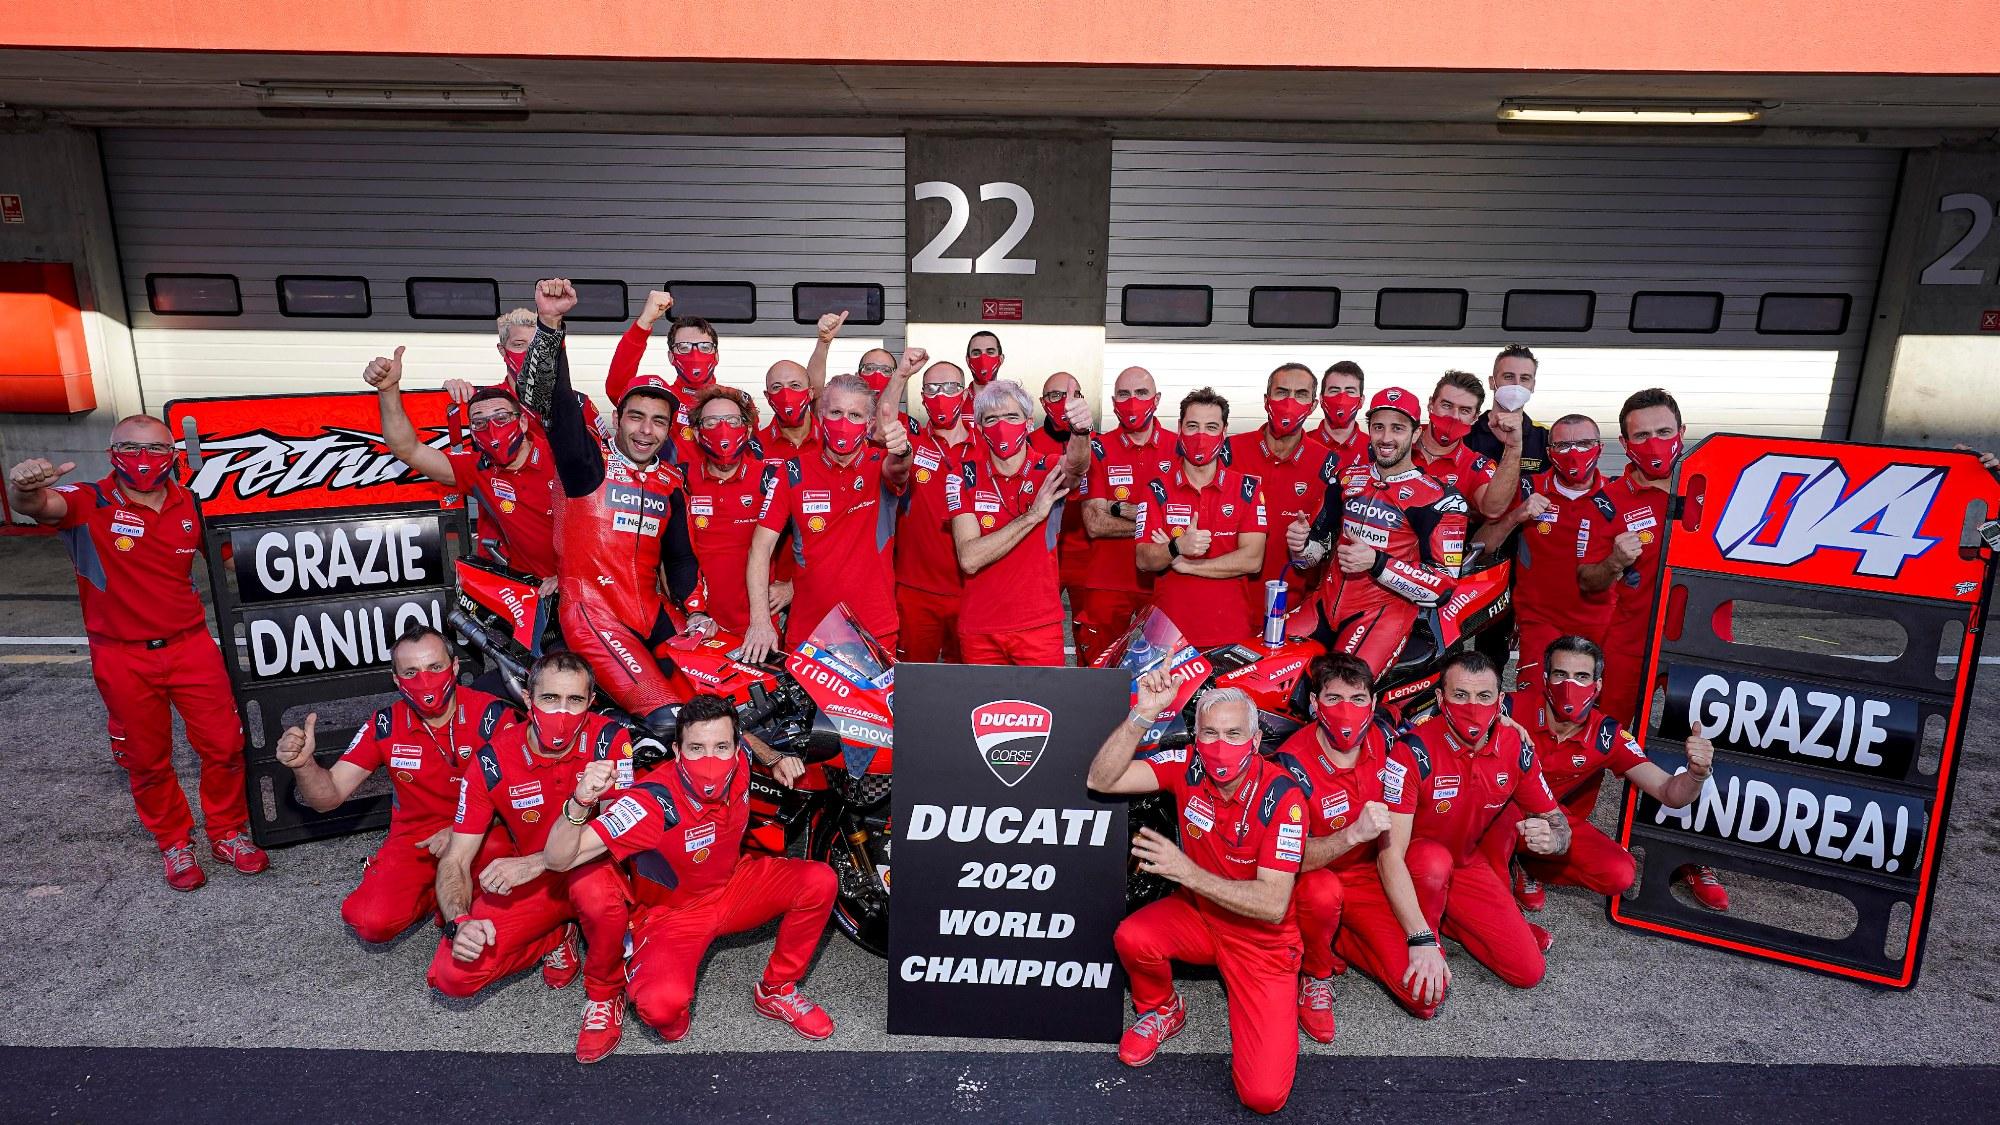 Ducati Corsa, 2020 Portuguese GP